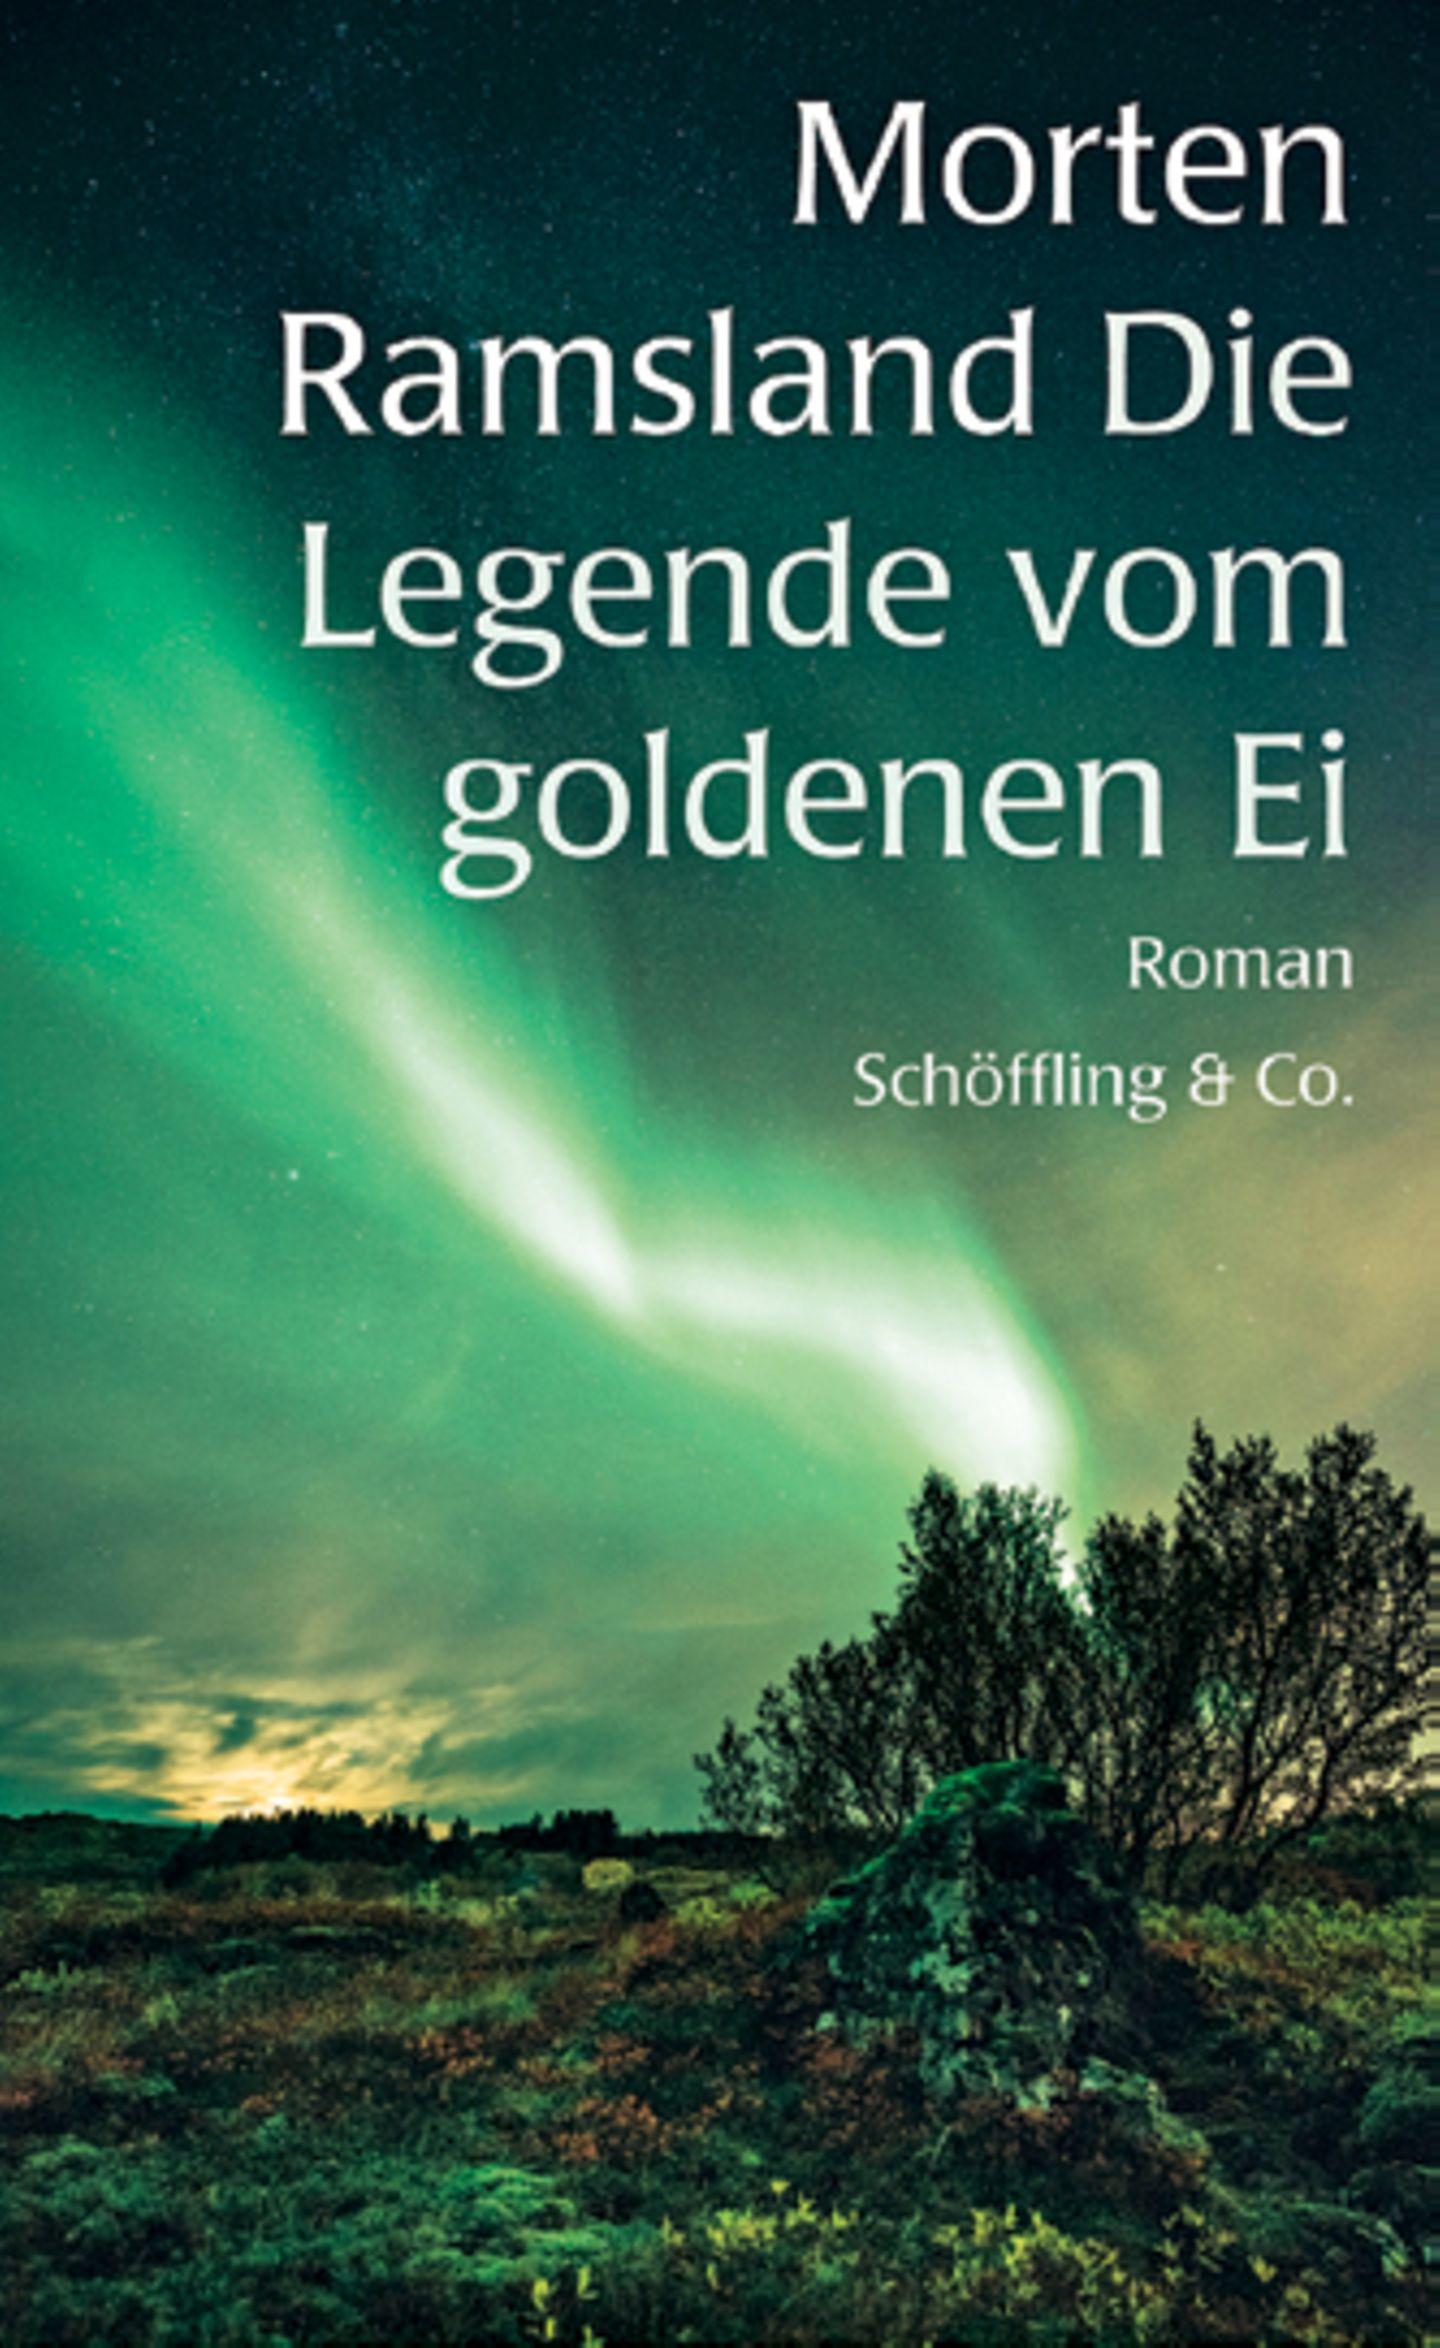 Literaturempfehlung: Die Legende vom goldenen Ei